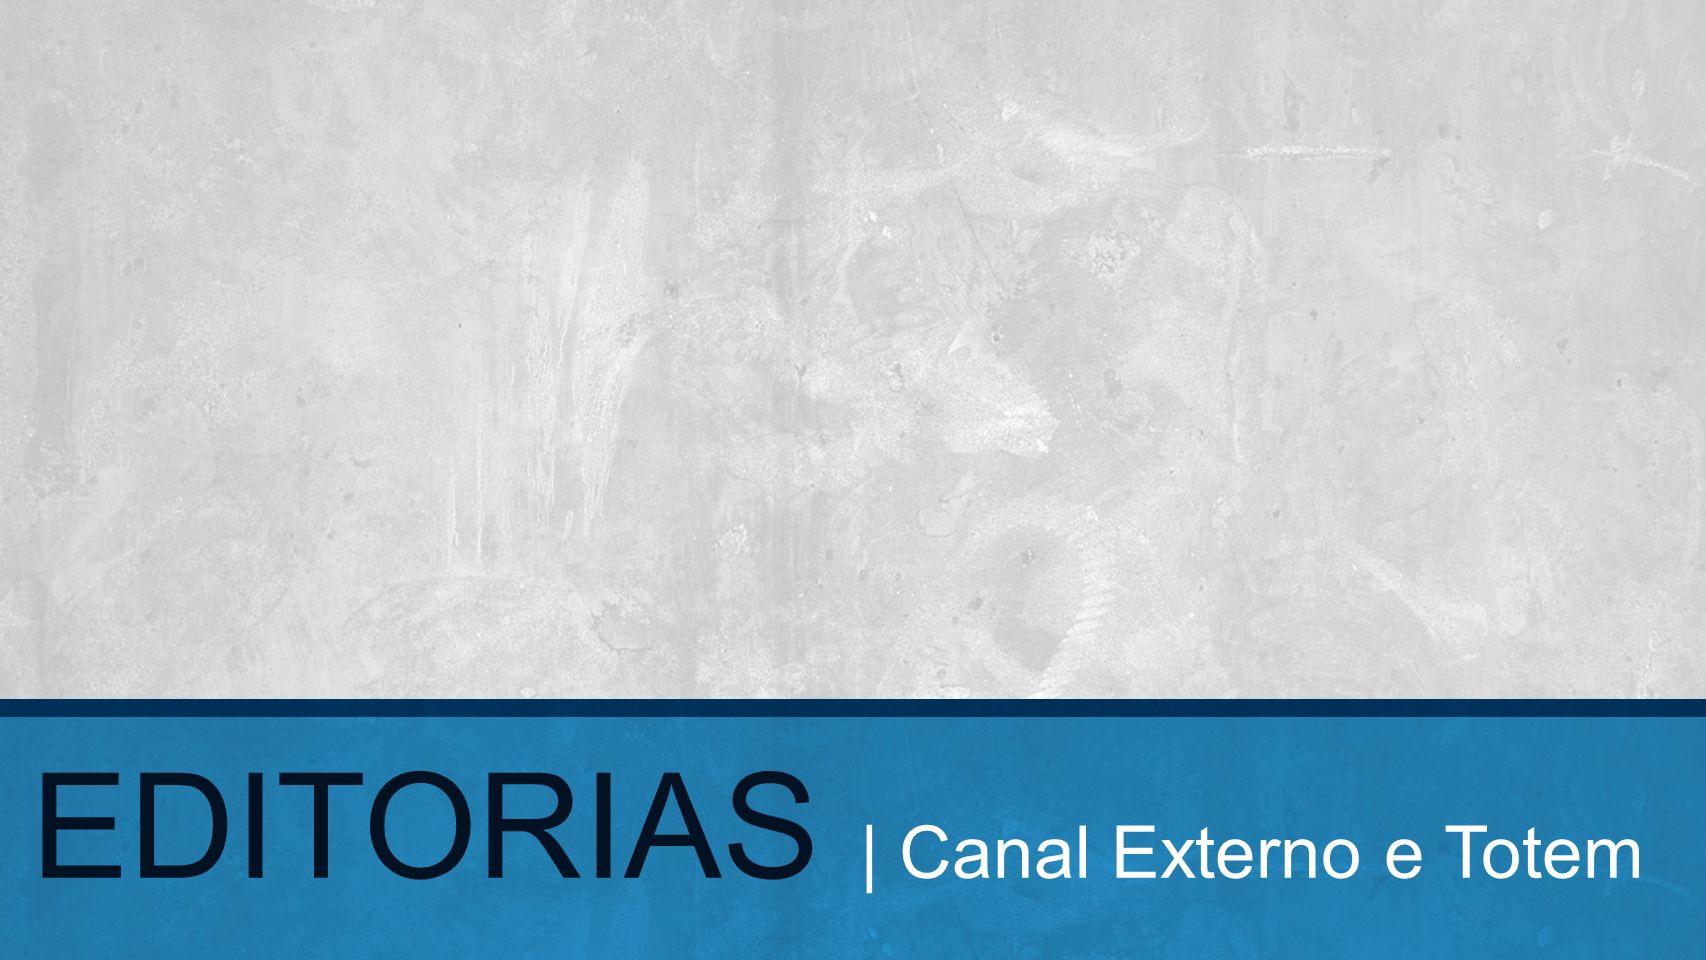 EDITORIAS | Canal Externo e Totem